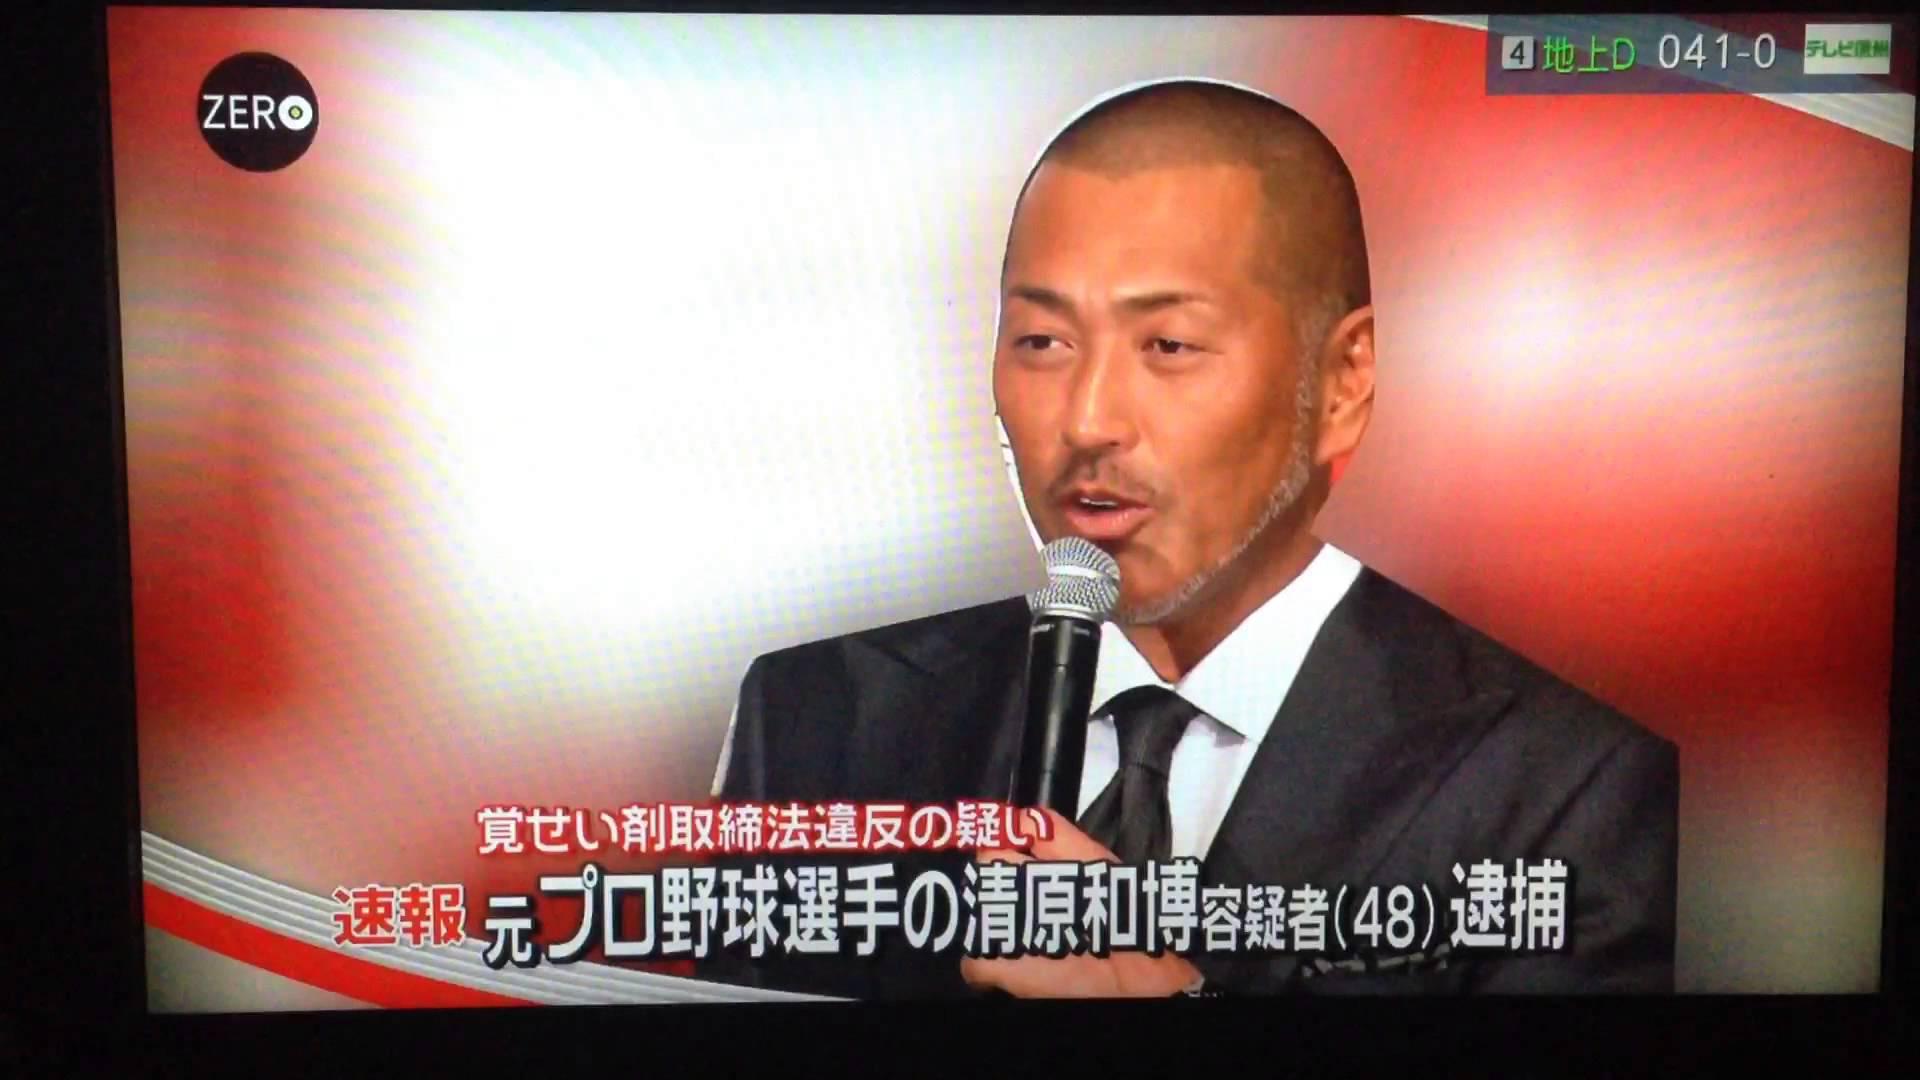 清原和博容疑者 覚せい剤取締法違反の疑いで現行犯逮捕!!